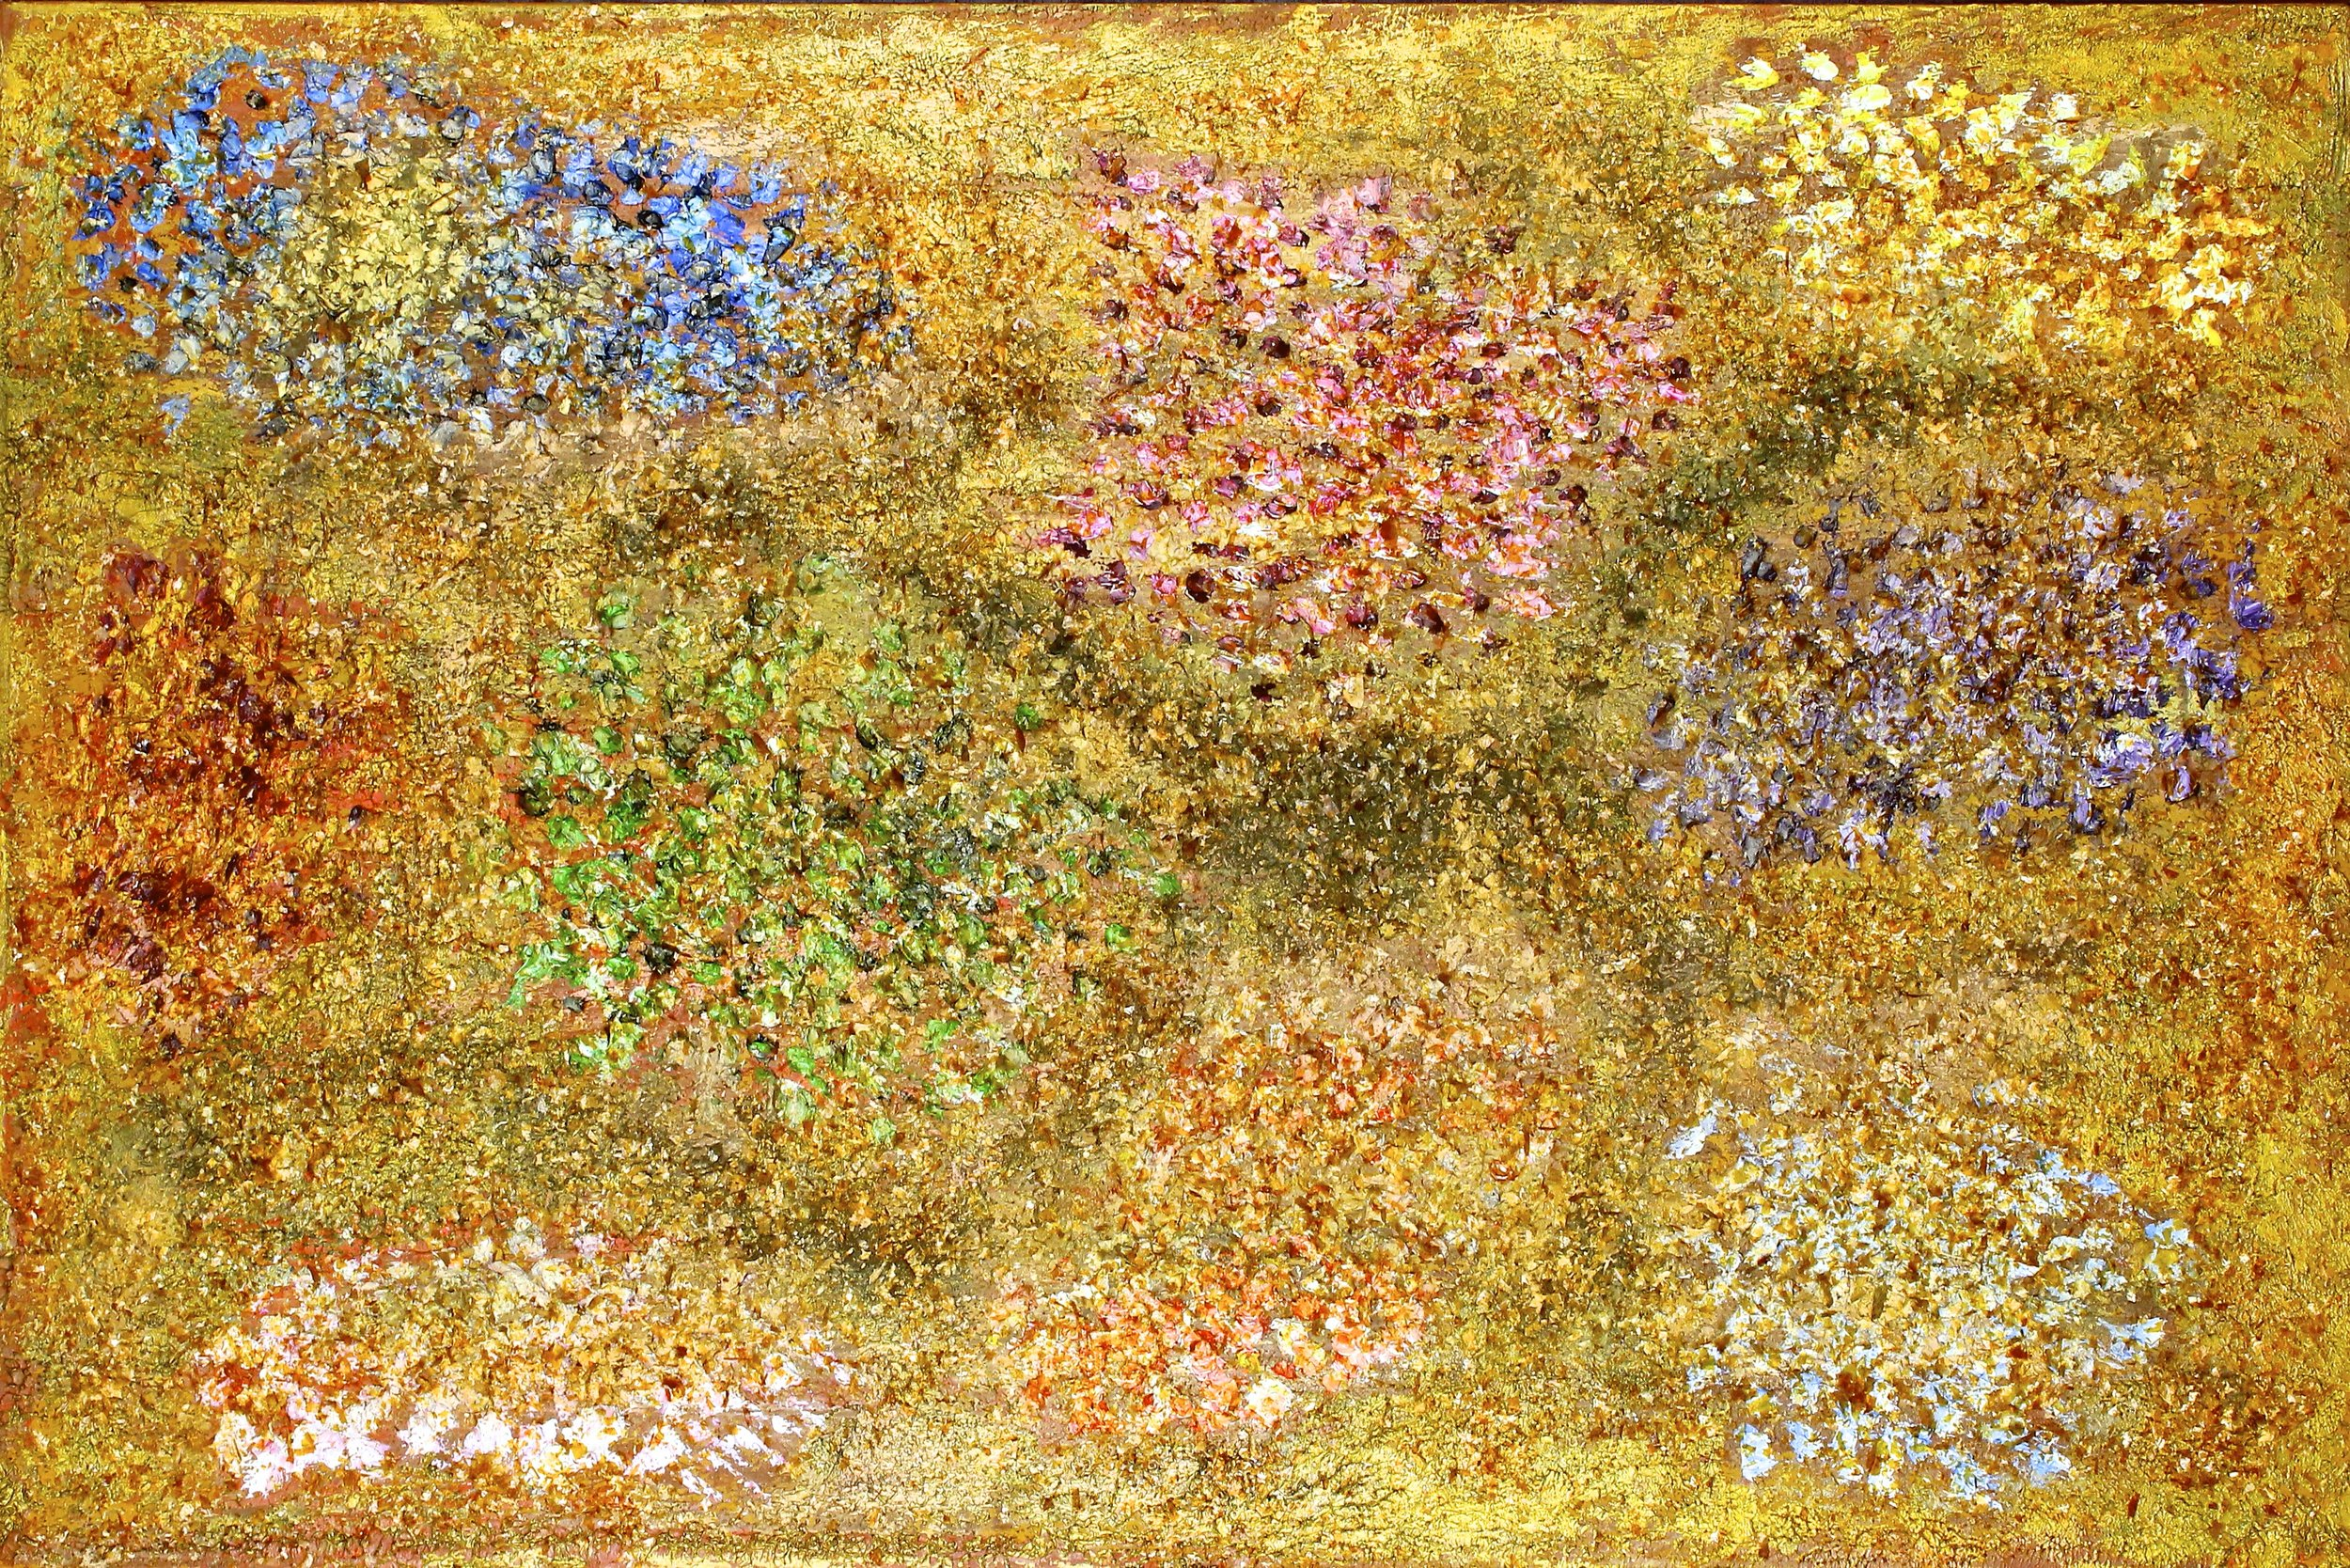 14_10 - flores do campo.jpg